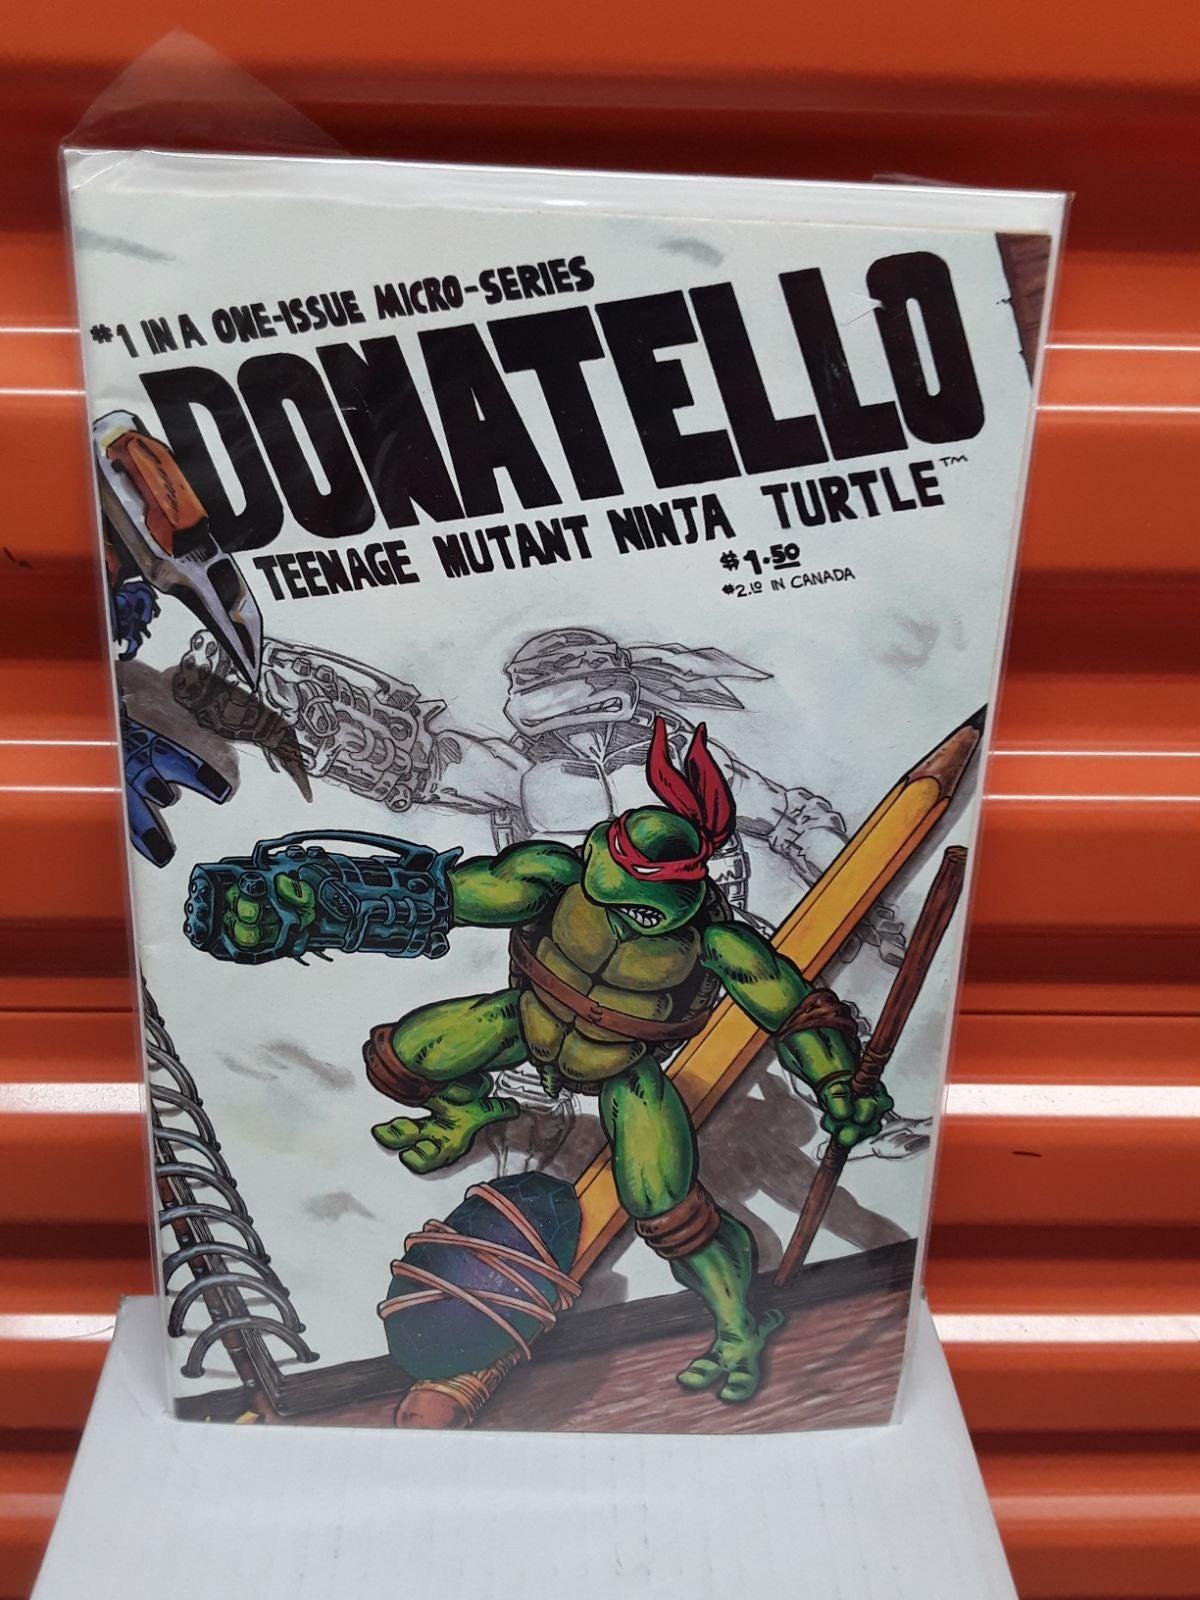 TMNT Donatello special